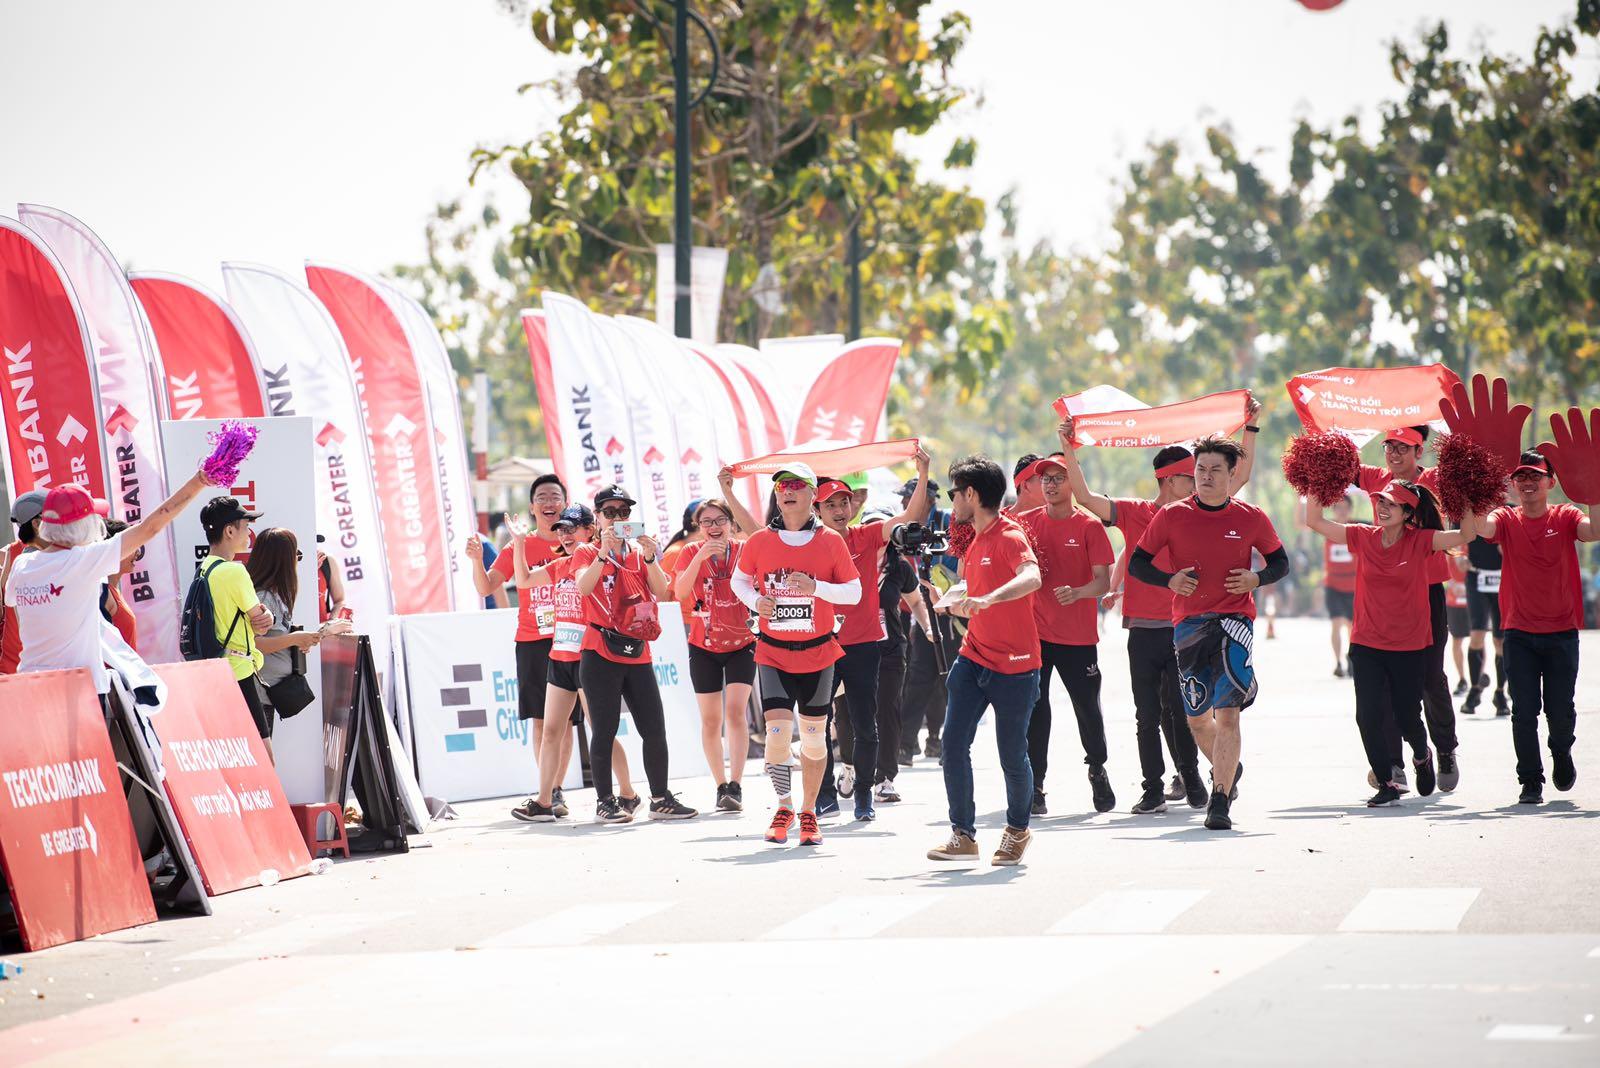 Hàng chục nghìn vận động viên chinh phục cung đường xanh tại giải Marathon quốc tế Thành phố Hồ Chí Minh Techcombank 2019 - Ảnh 1